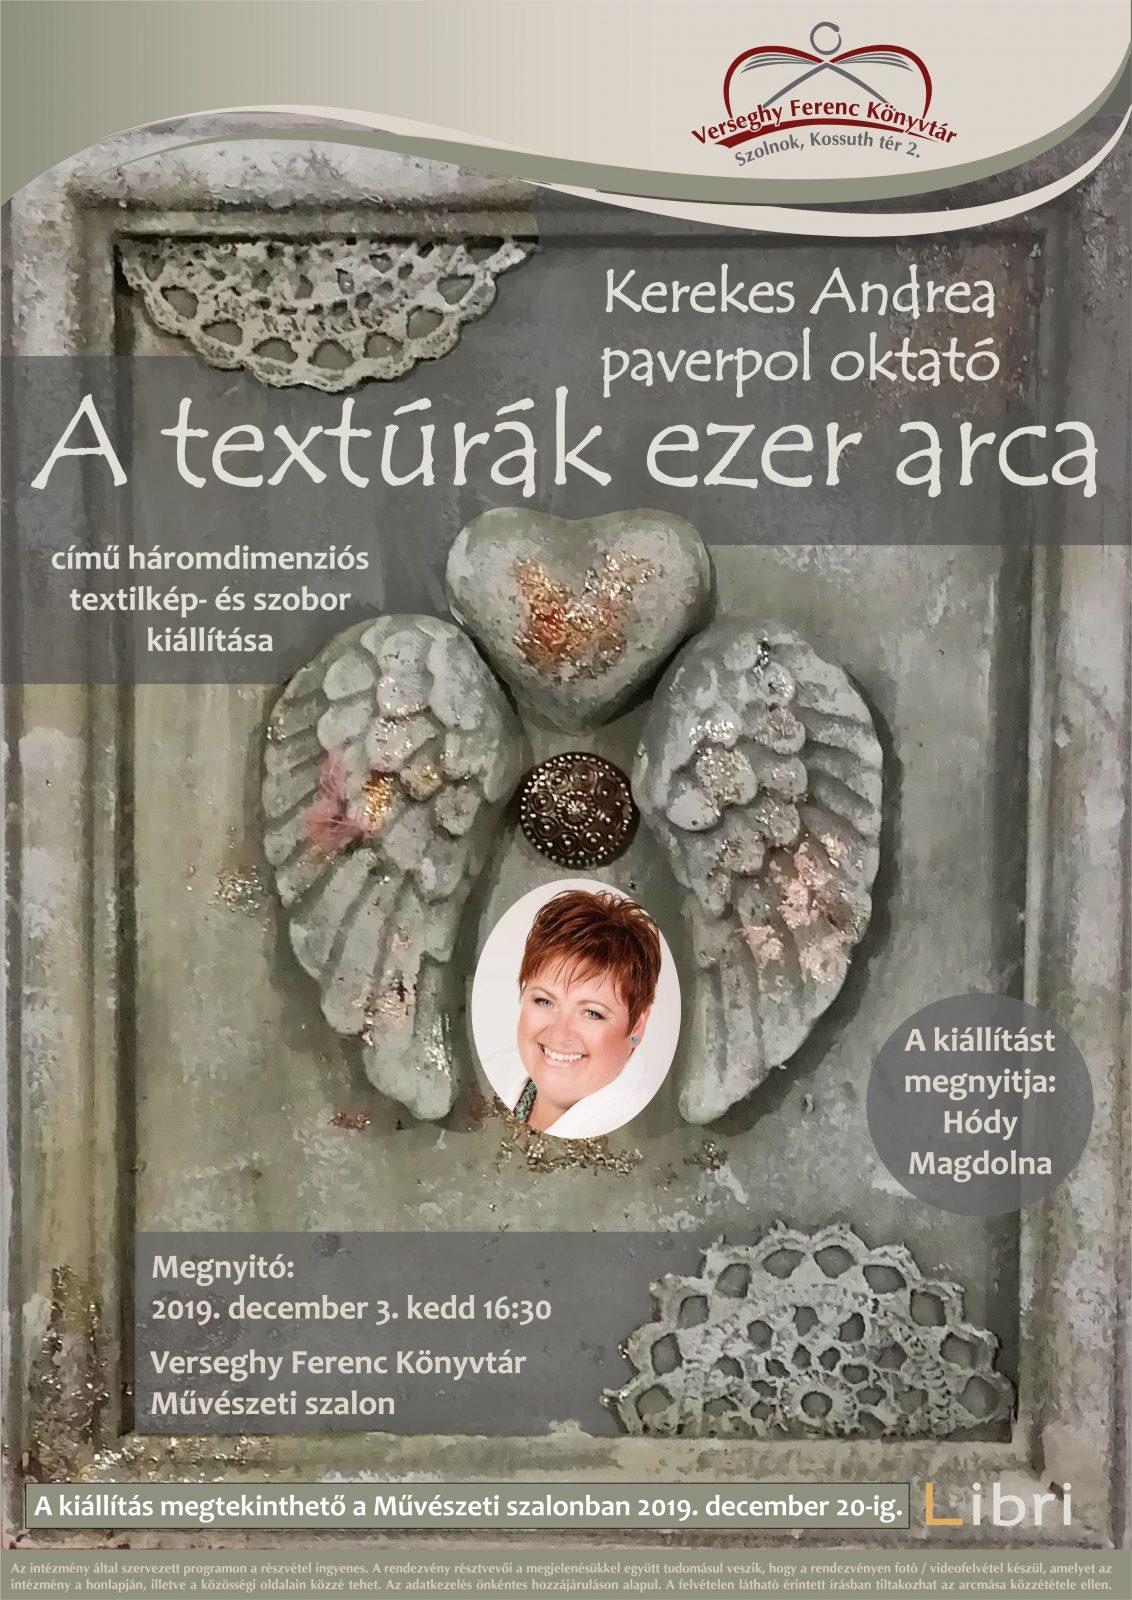 2019.12.03 A textúrák ezer arca. Kerekes Andrea kiállítása. Plakát